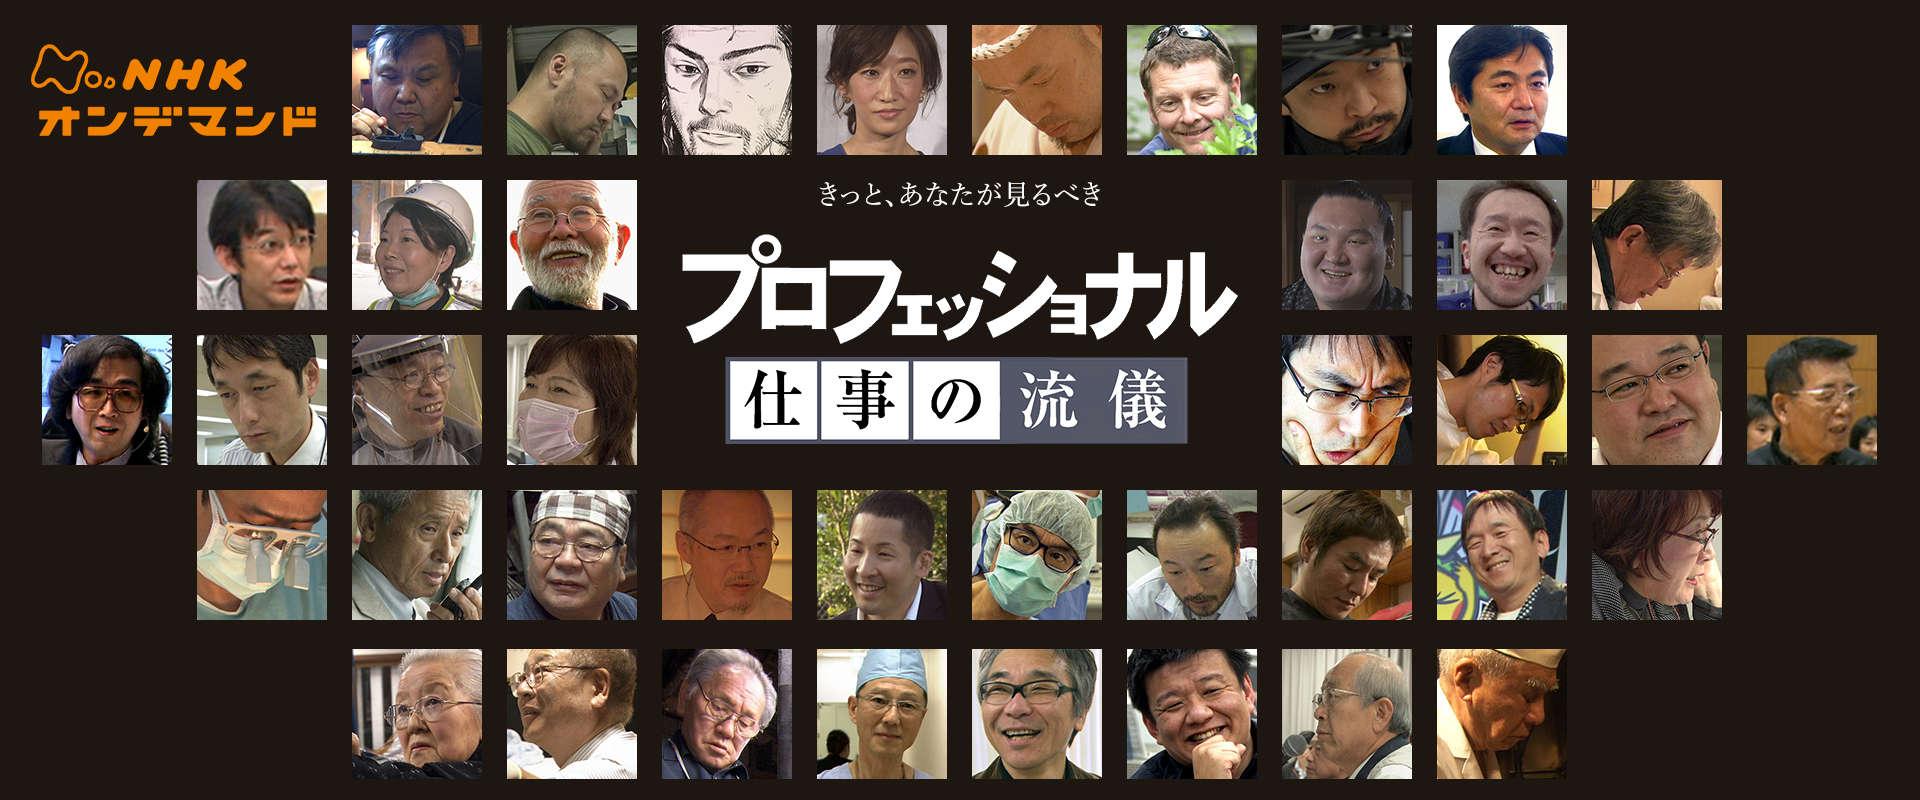 NHK「プロフェッショナル仕事の流儀」の見逃し配信はコチラからどうぞ!